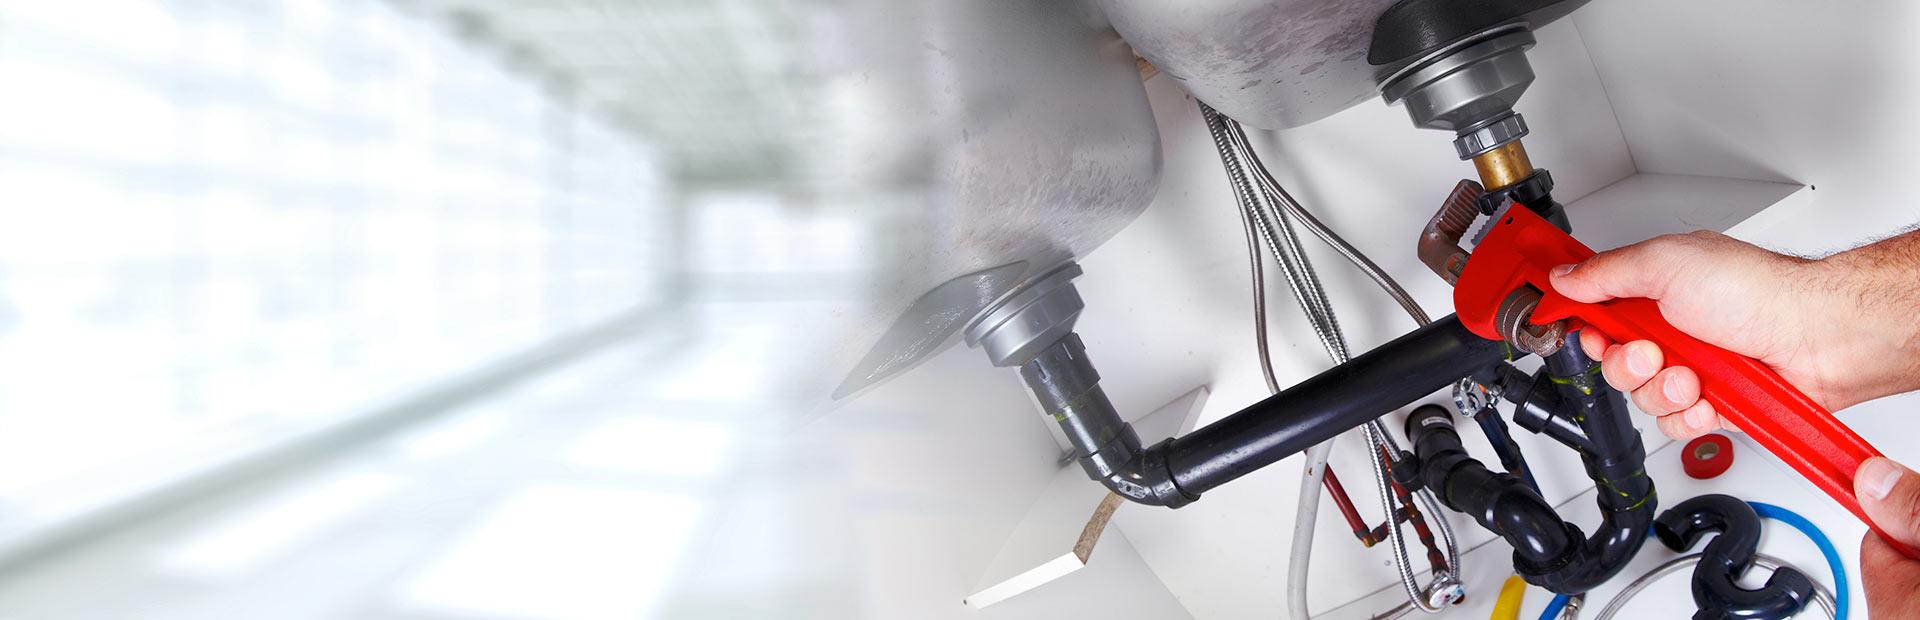 riparazioni idraulico parma